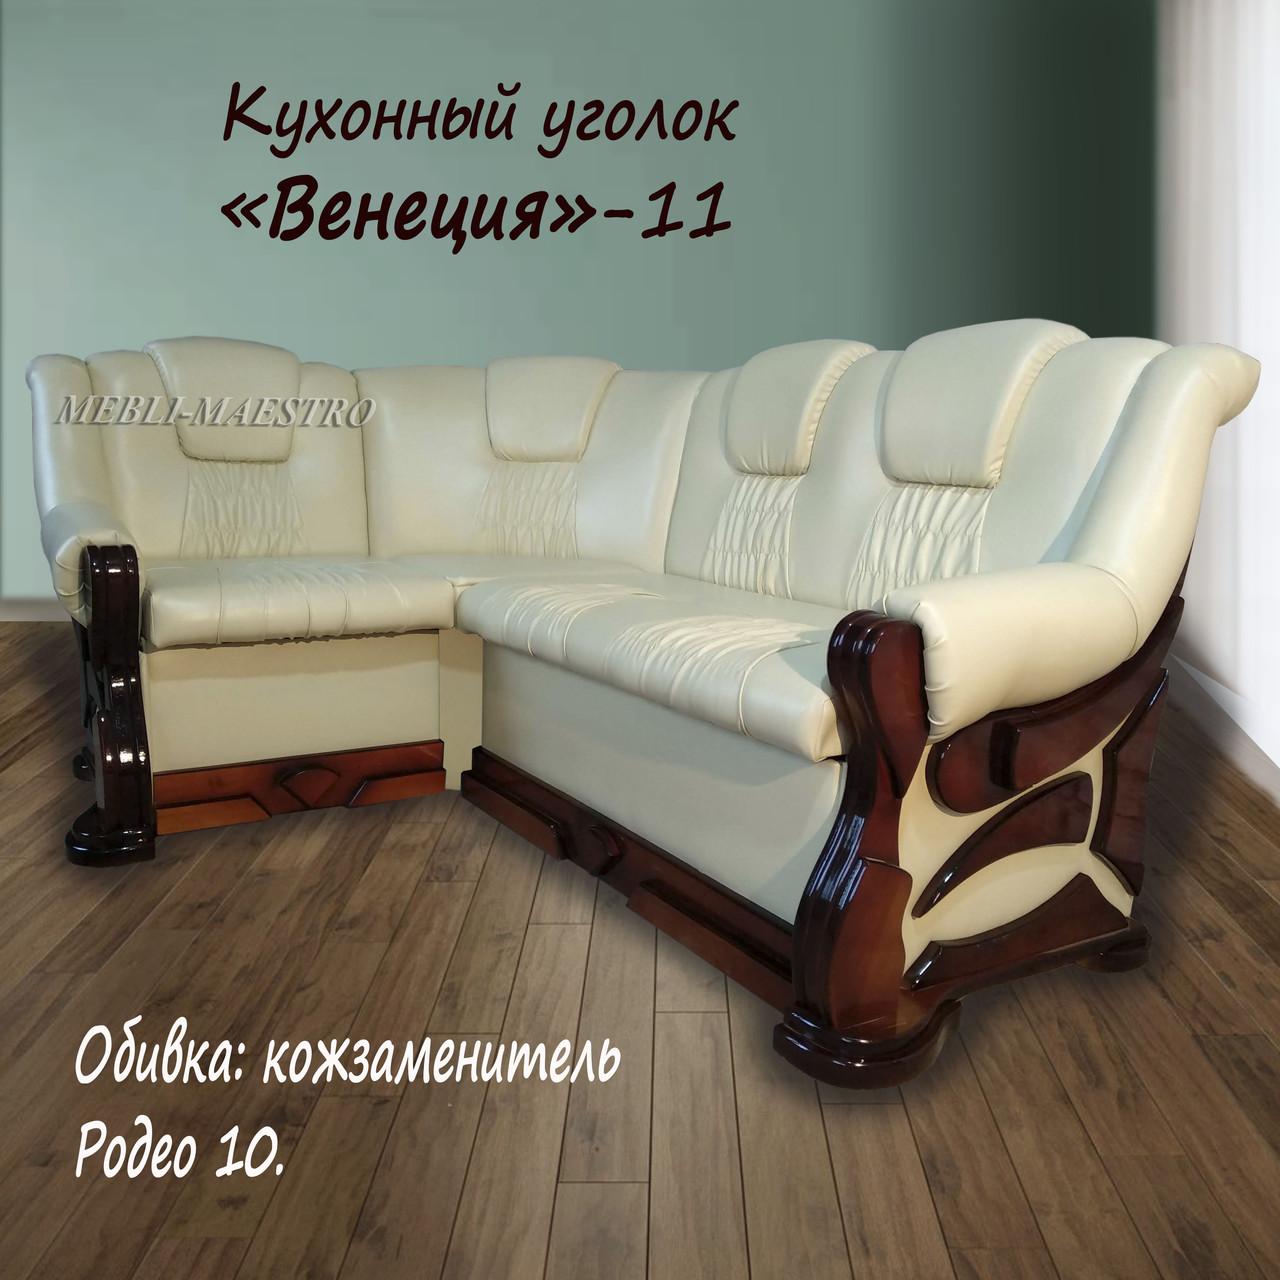 """Мягкий кухонный уголок """"Венеция""""-11"""